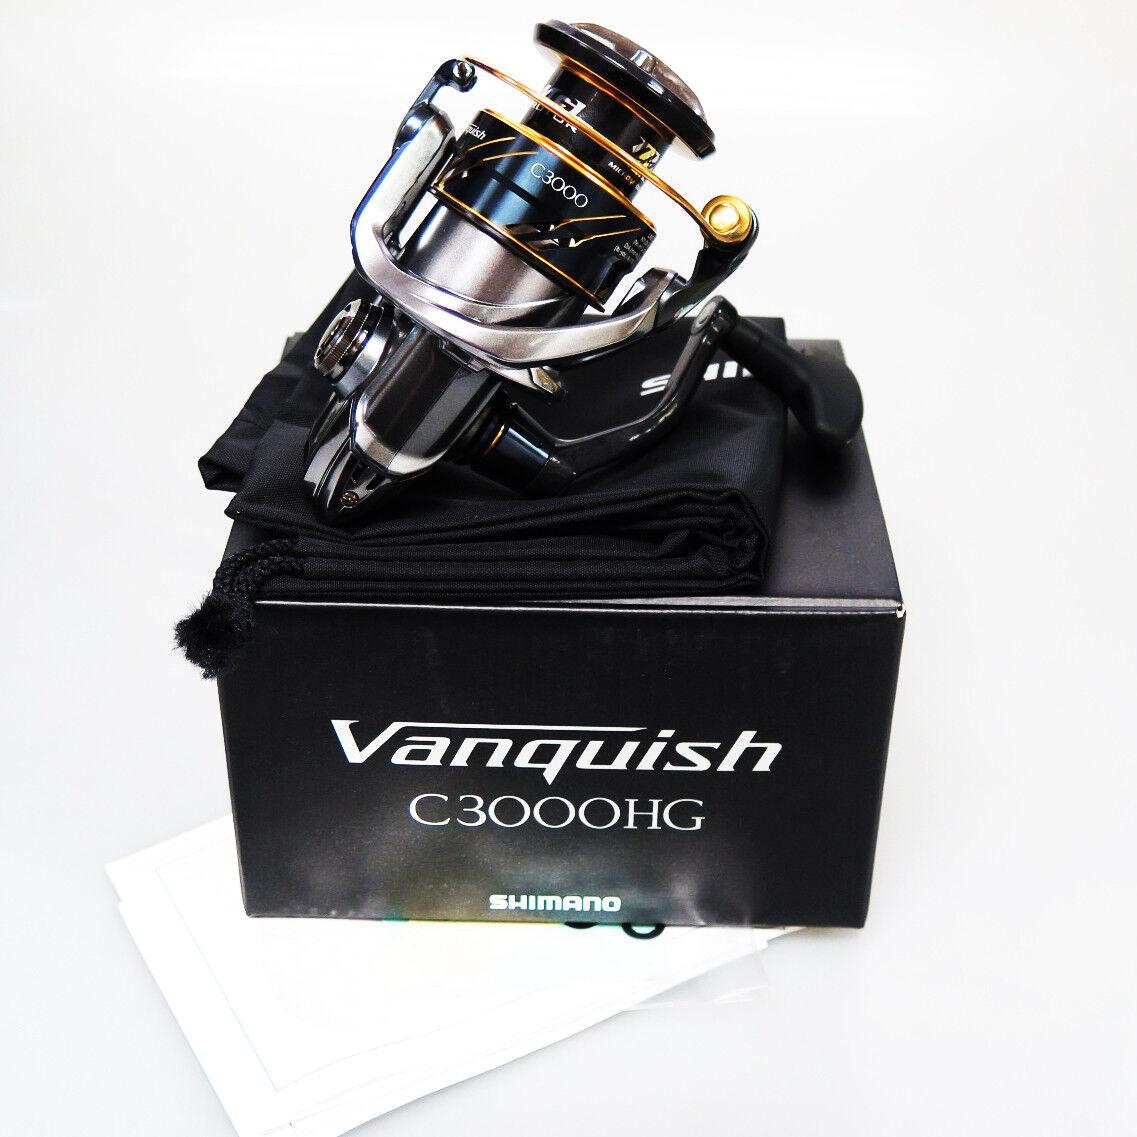 Nuevo Shimano Vanquish C3000HG-16 Spinning Carretes Envío a EE. UU. AUS 3-5 día Express